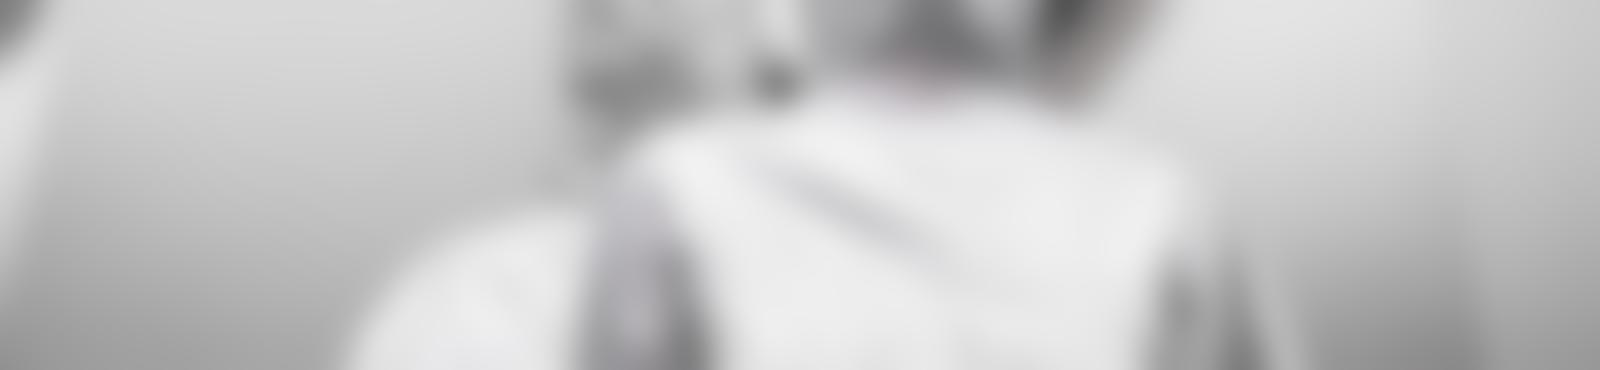 Blurred a8da2028 24fc 42e1 ac9c c214e4c968aa